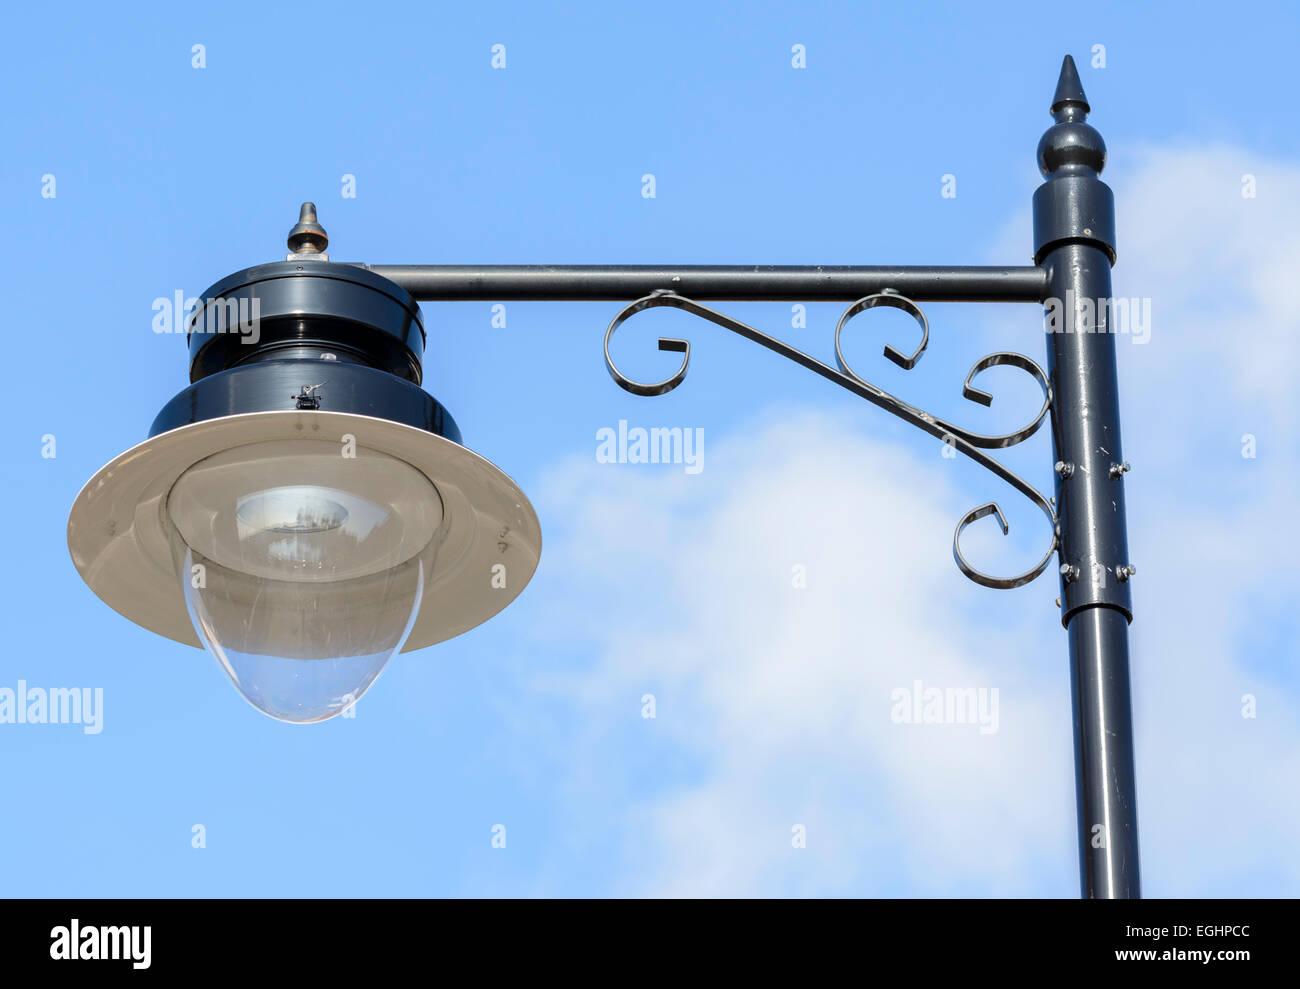 Nuova lampada di strada in un vecchio stile contro il cielo blu. Foto Stock